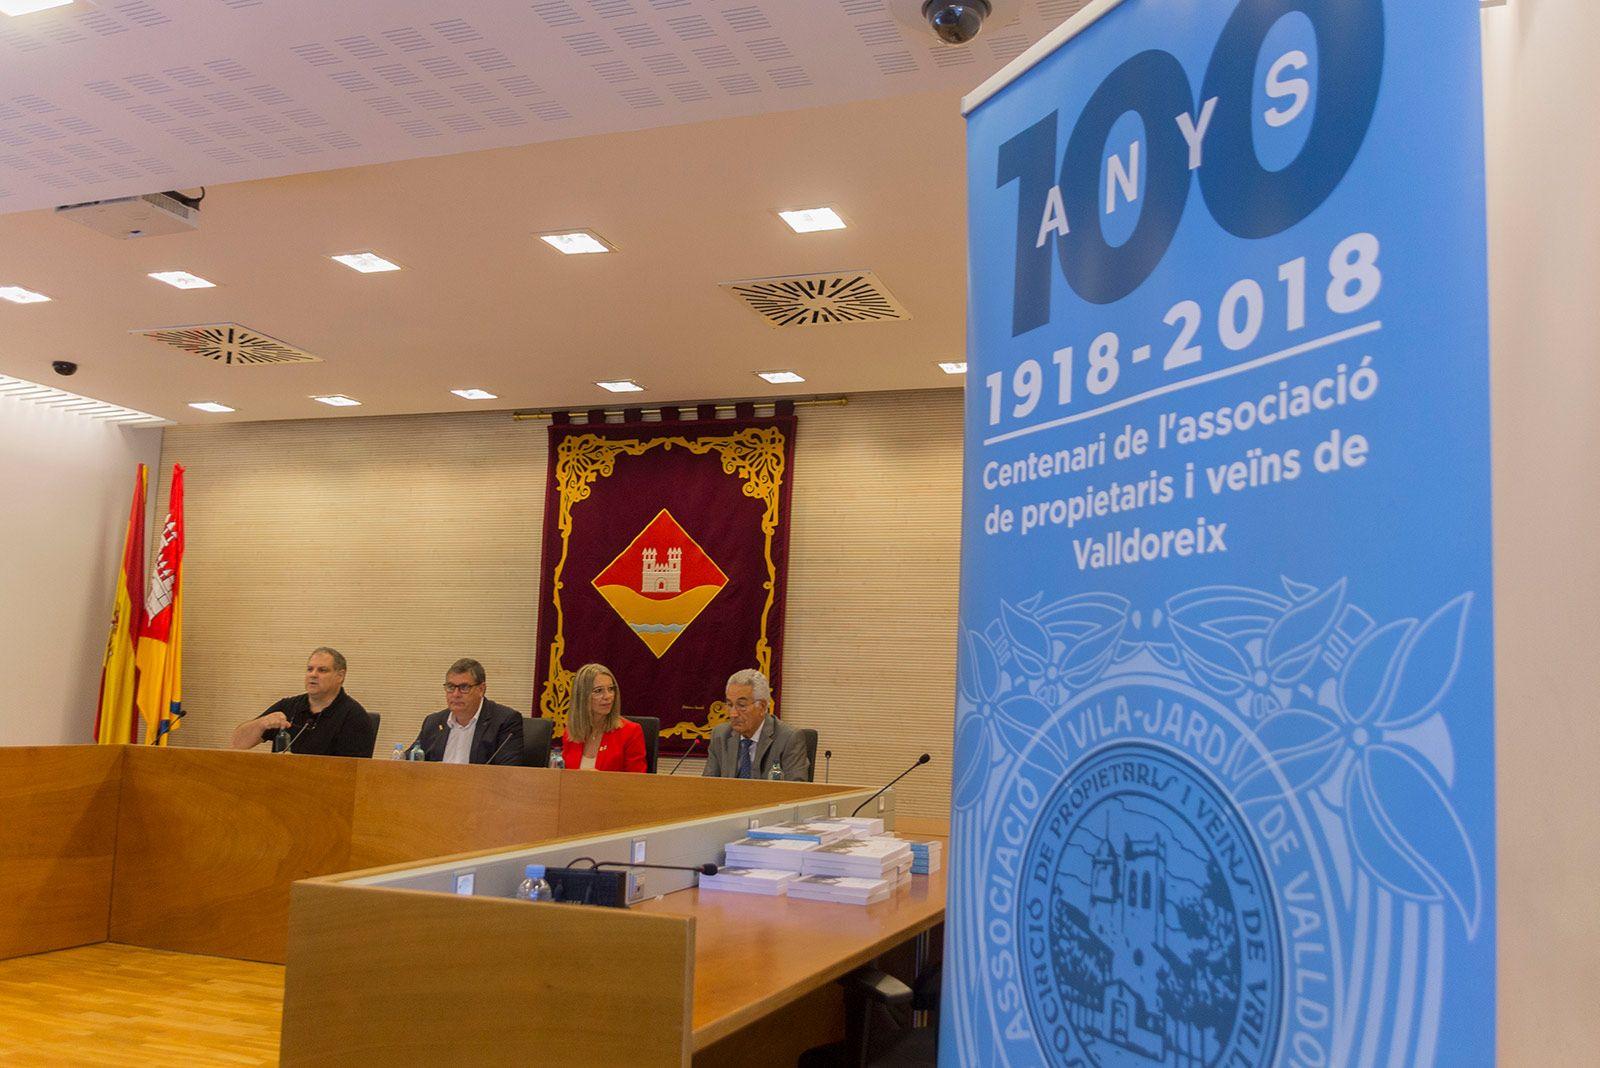 Acte central del Centenari de l'Associació de veïns i propietaris de Valldoreix. FOTO: Paula Galván